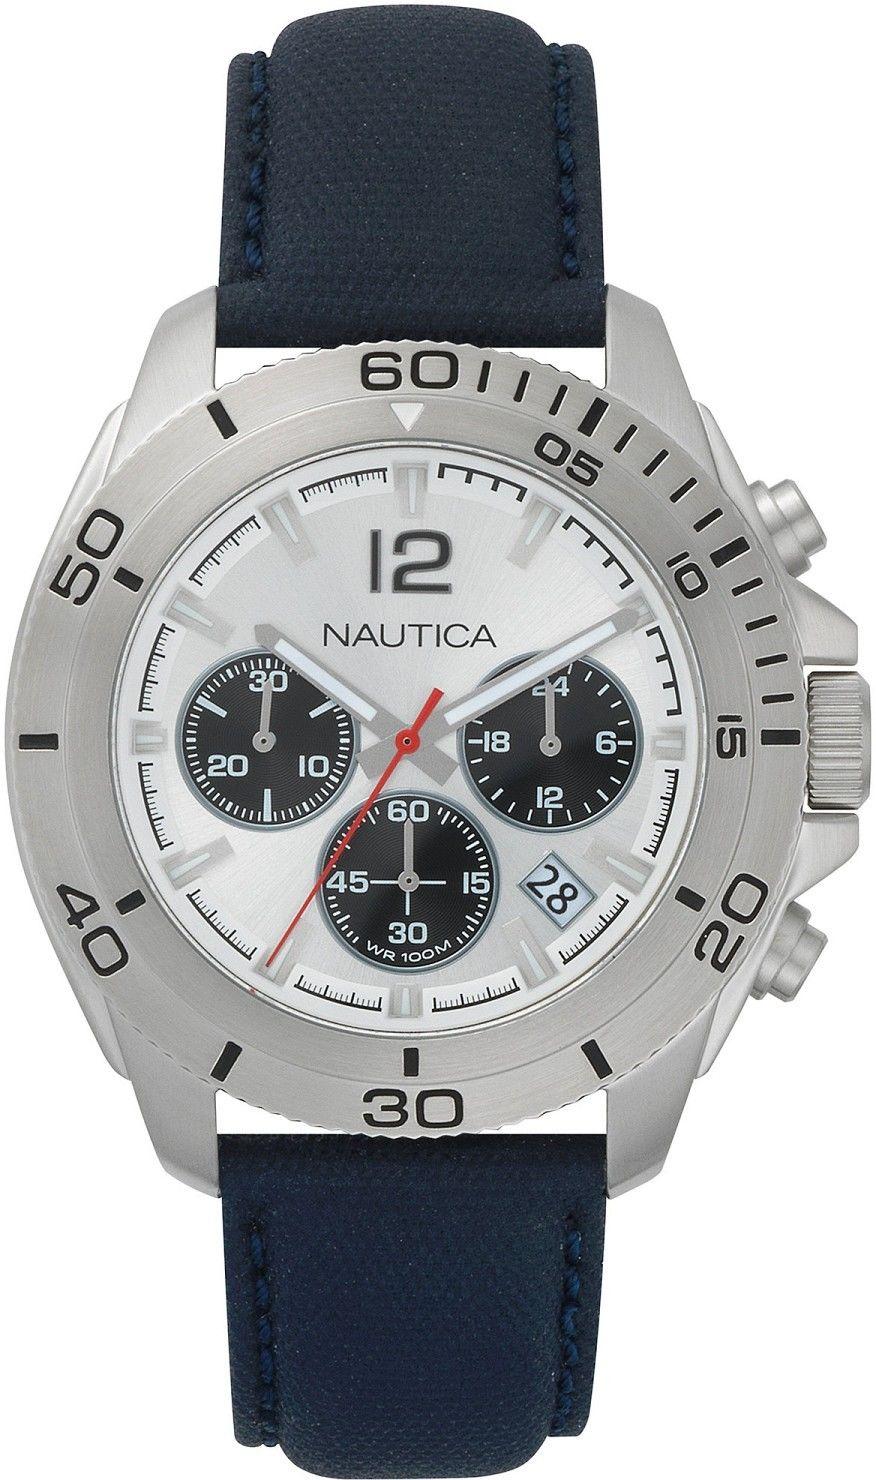 Zegarek Nautica NAPADR001 - CENA DO NEGOCJACJI - DOSTAWA DHL GRATIS, KUPUJ BEZ RYZYKA - 100 dni na zwrot, możliwość wygrawerowania dowolnego tekstu.